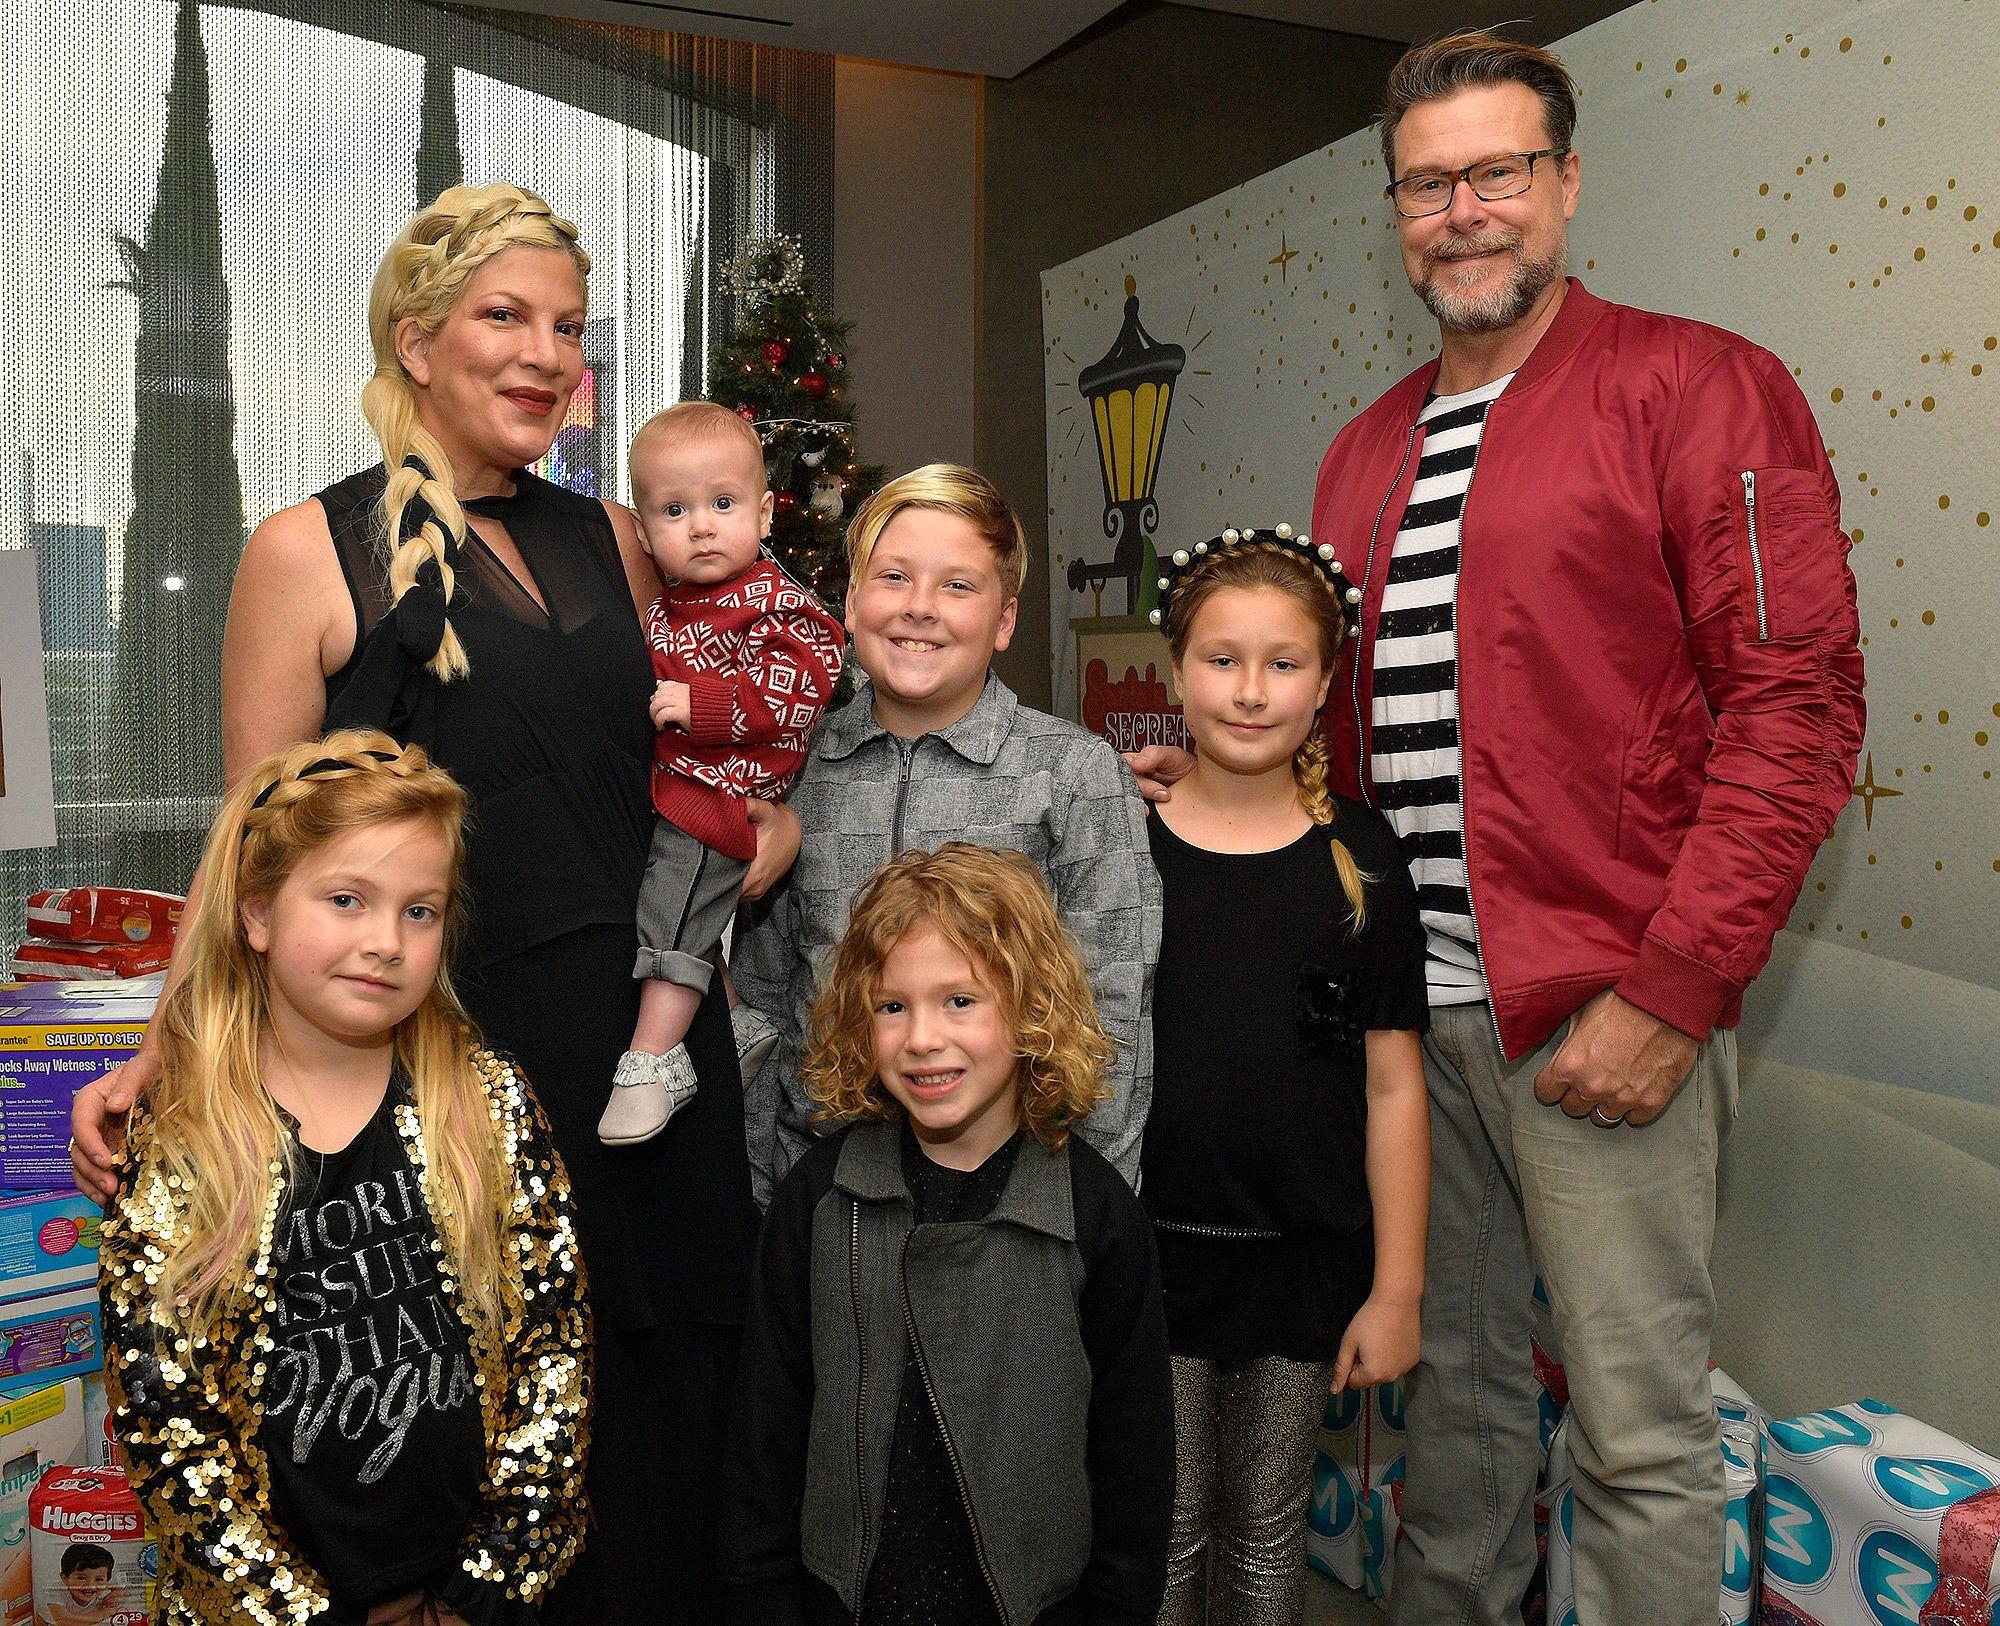 Tori, Dean and their children